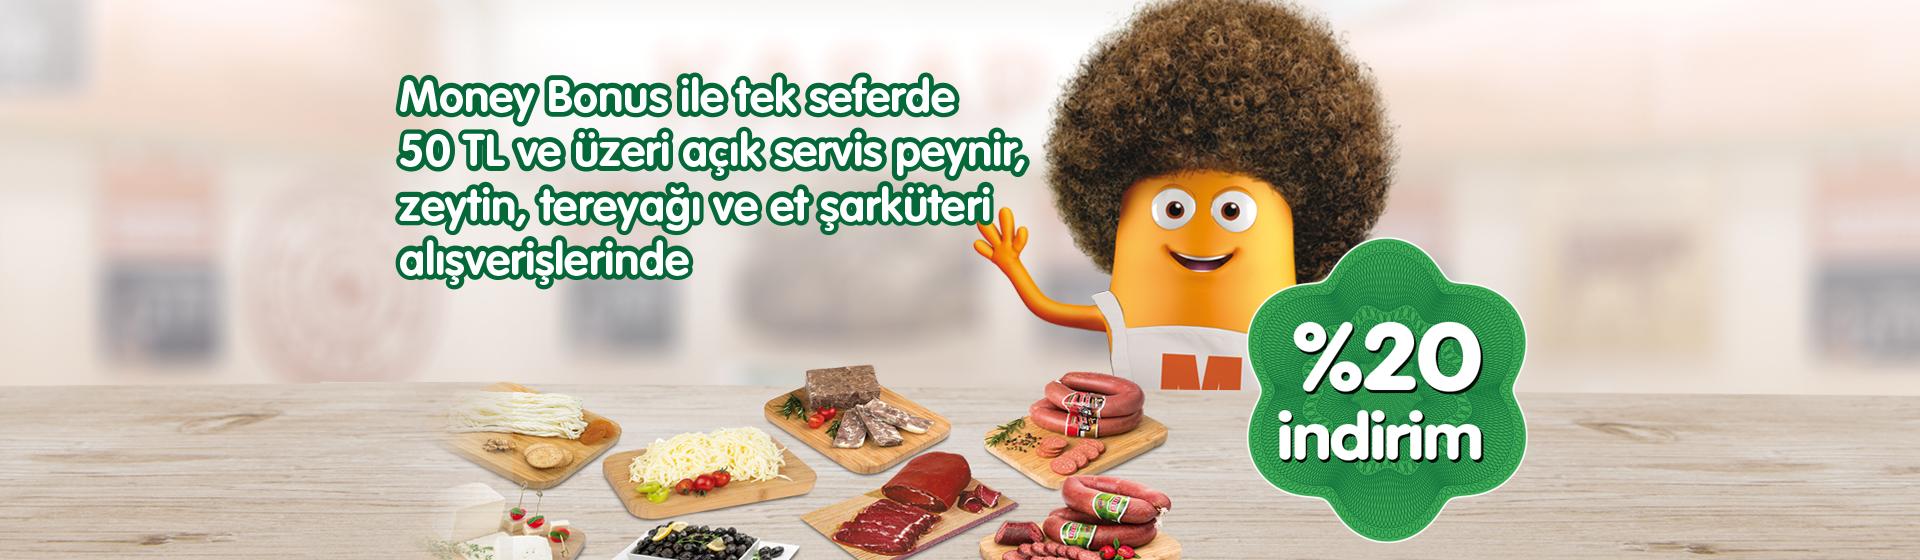 Money Bonus Açık Servis Peynir, Zeytin, Tereyağı ve Et Şarküteri %20 İndirim Kampanyası